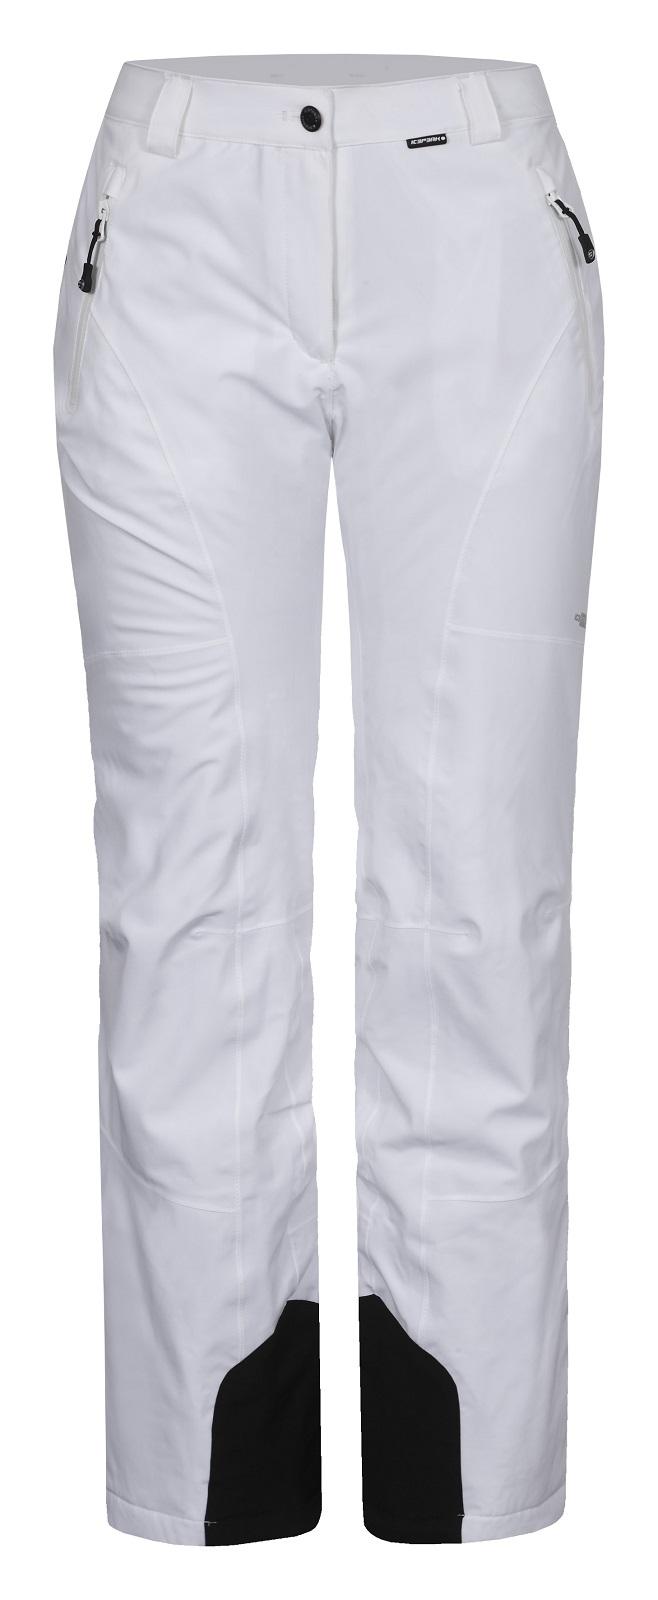 91396892af Dámske lyžiarske nohavice Icepeak Noelia biele 54011-980